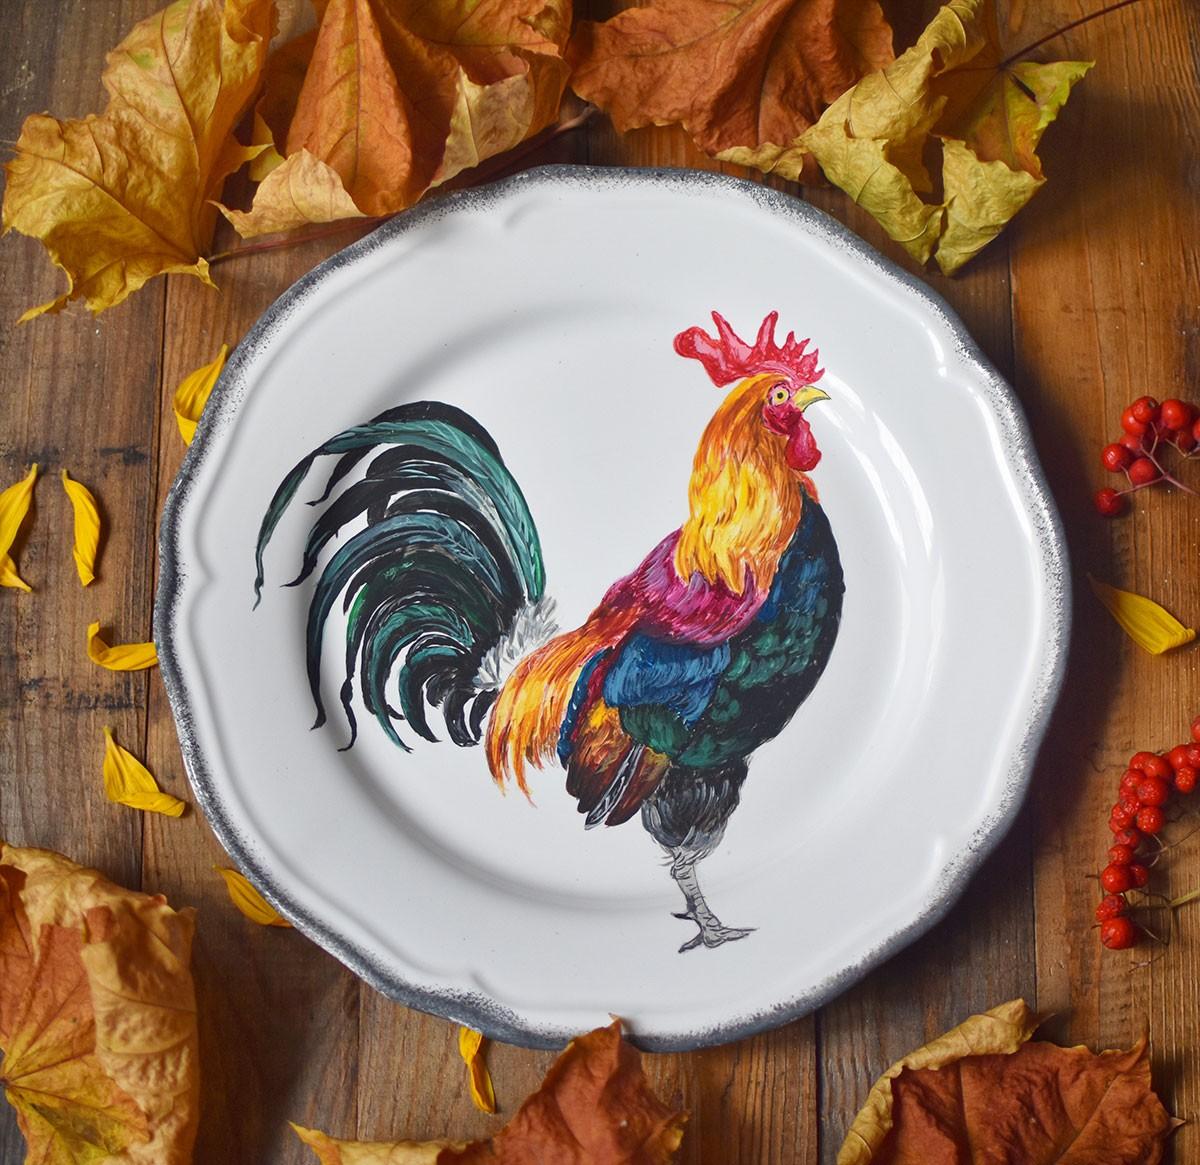 """картинка Декоративная тарелка с авторской росписью """"Петух"""" - DishWishes.Ru"""